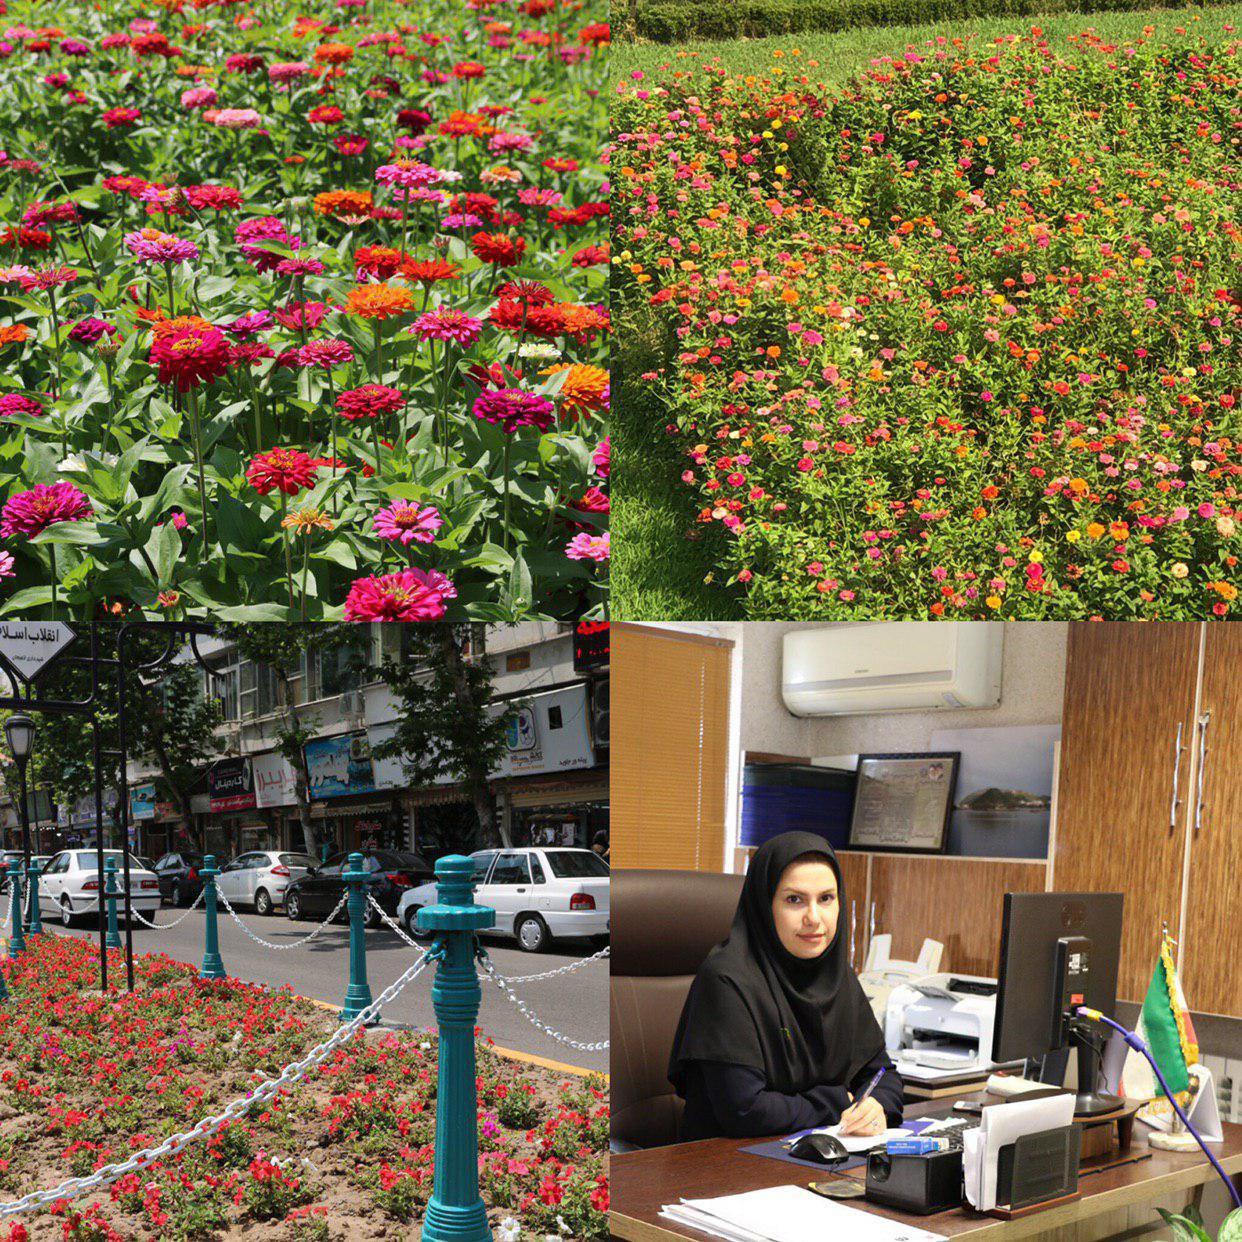 همزمان با سال رونق تولید شهرداری لاهیجان از تولیدات گلخانه خود درسطح شهر استفاده می کند.